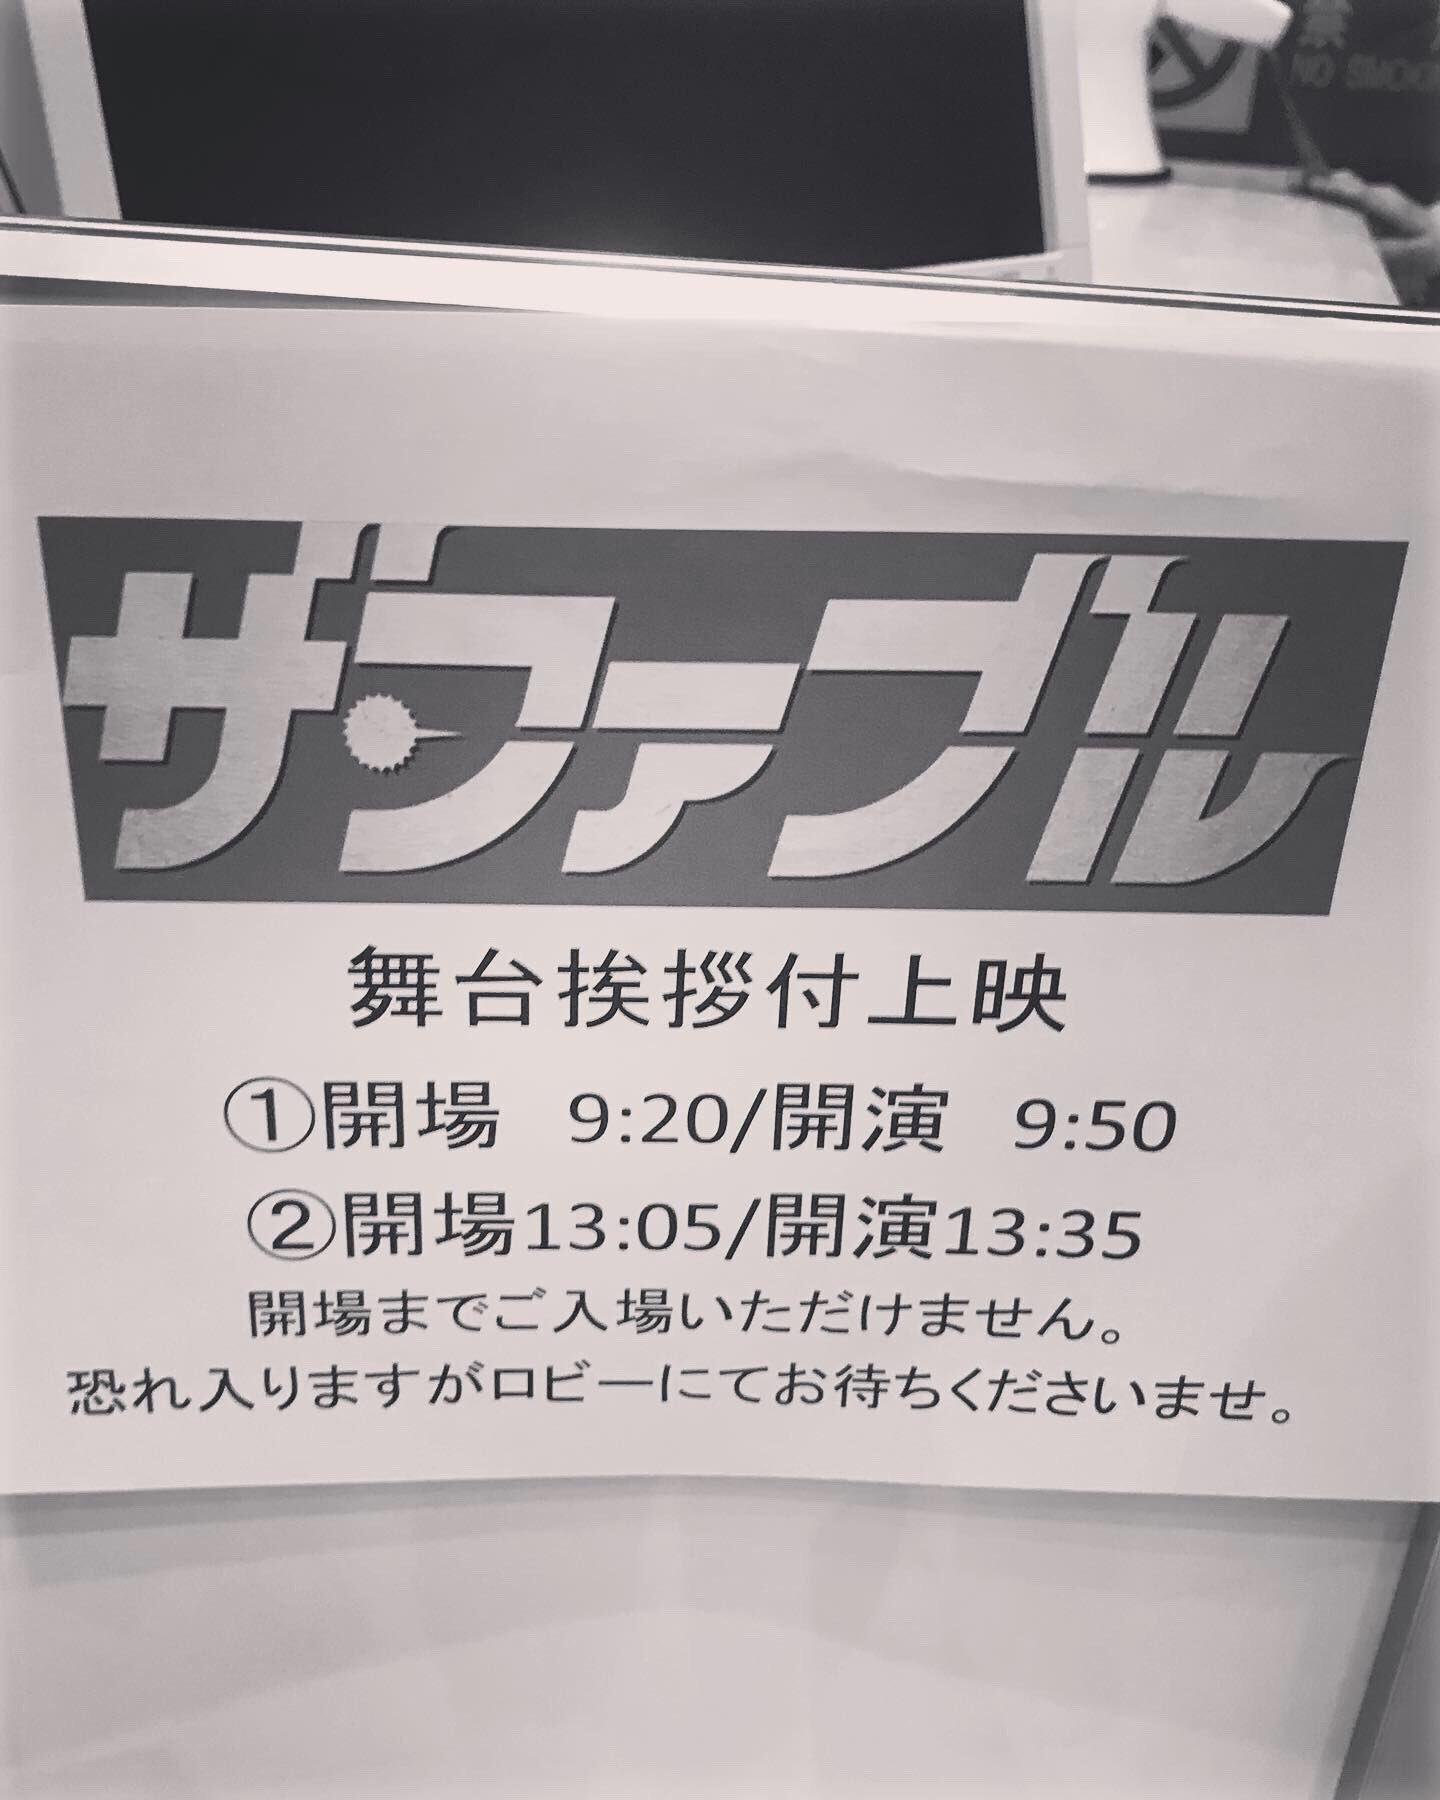 ザファブル続編